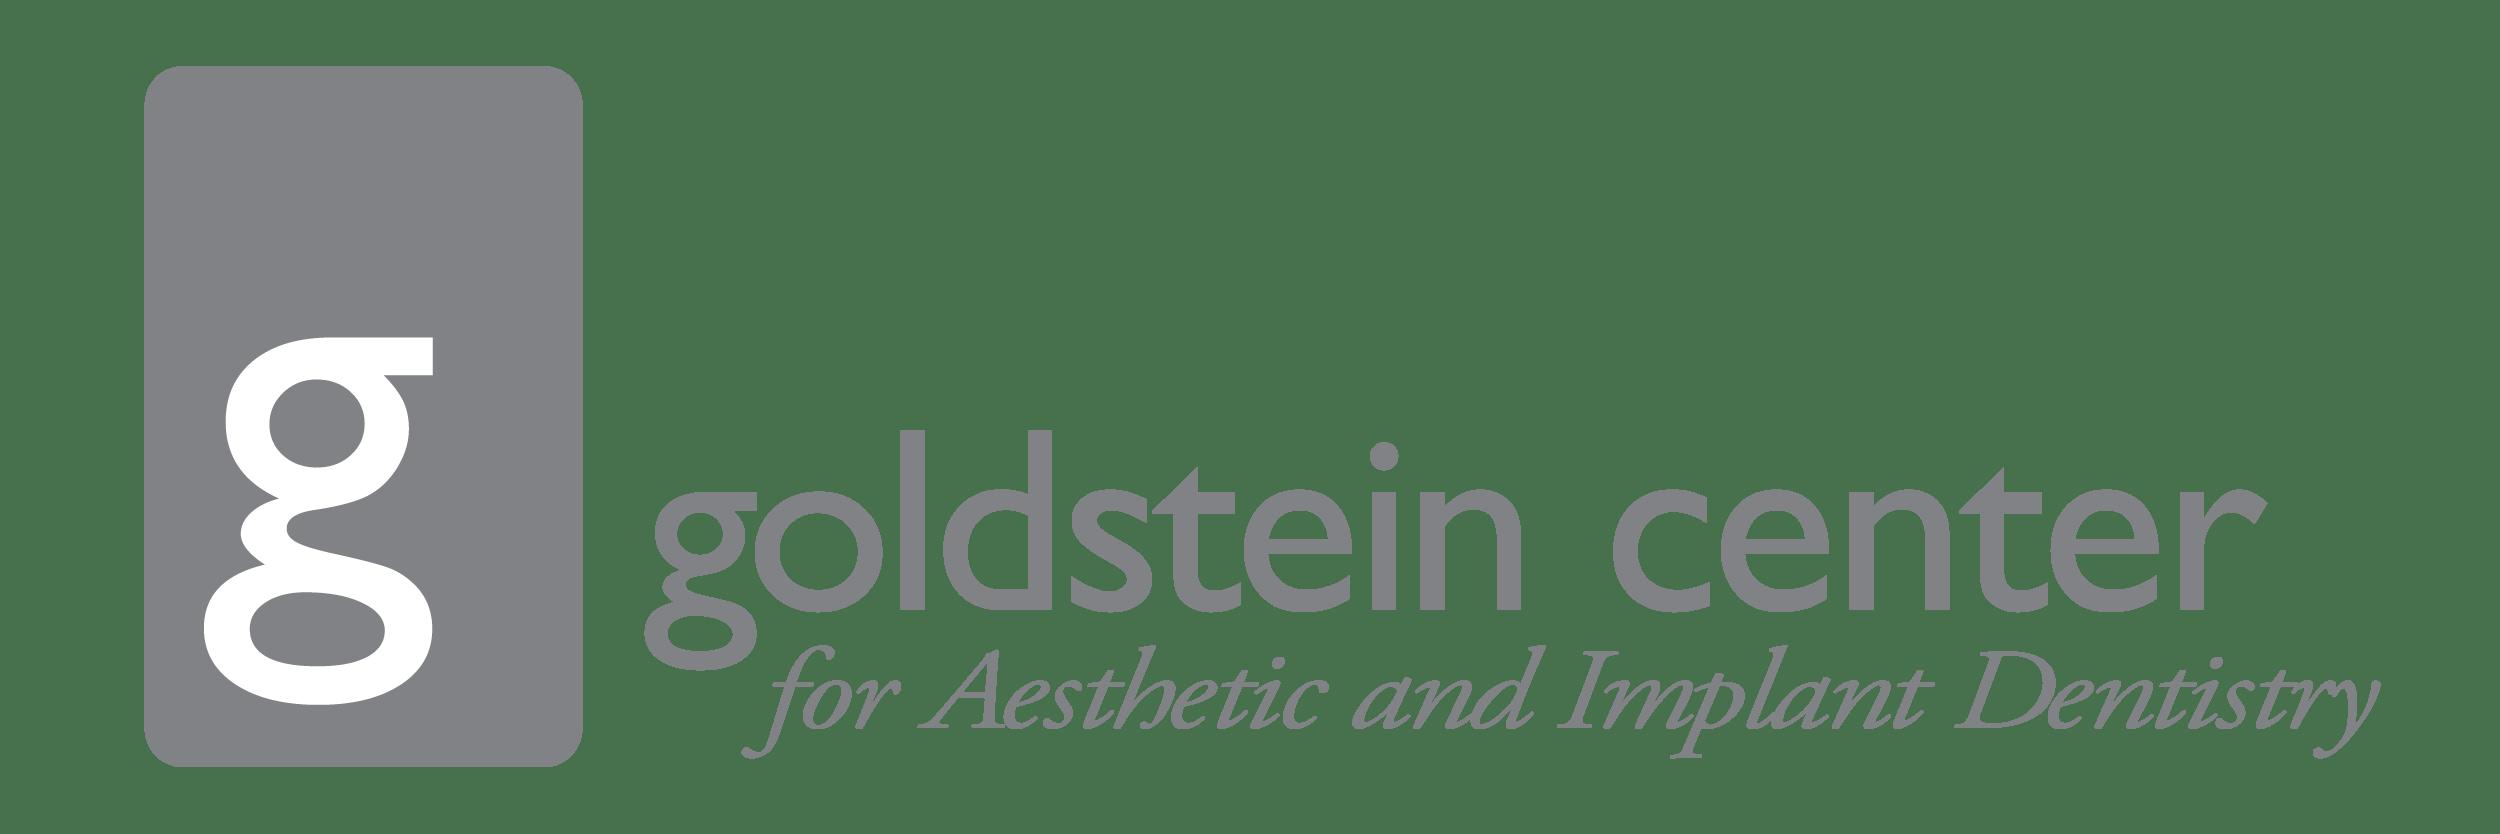 Goldstein center